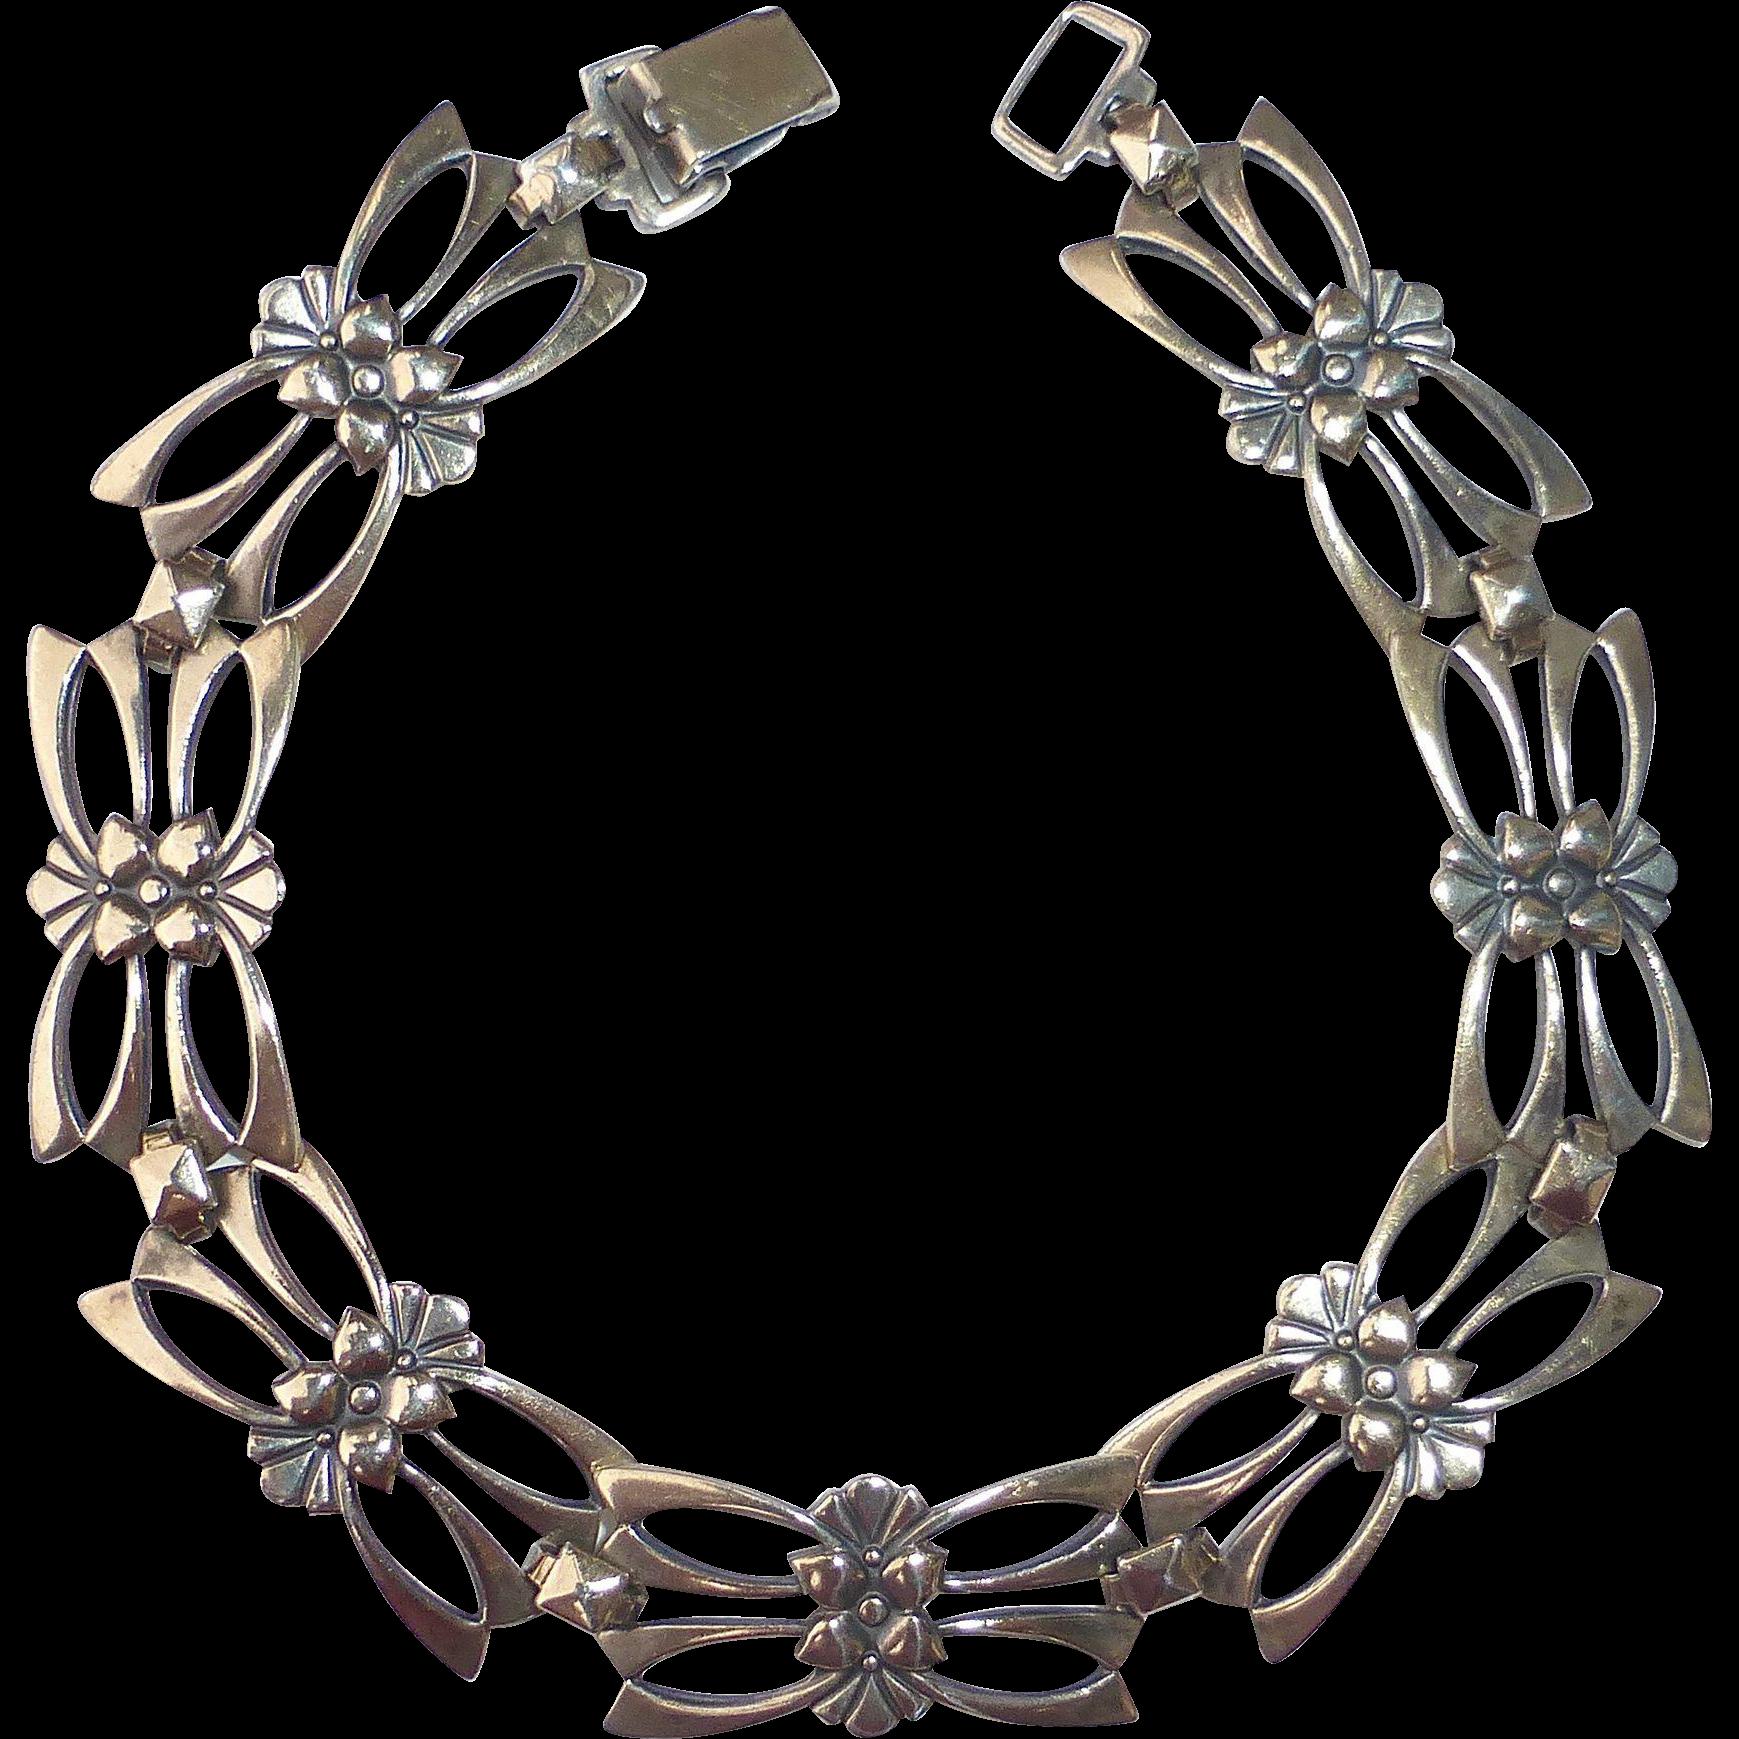 Symmetalic Sterling & 14k Pierced Link Bracelet